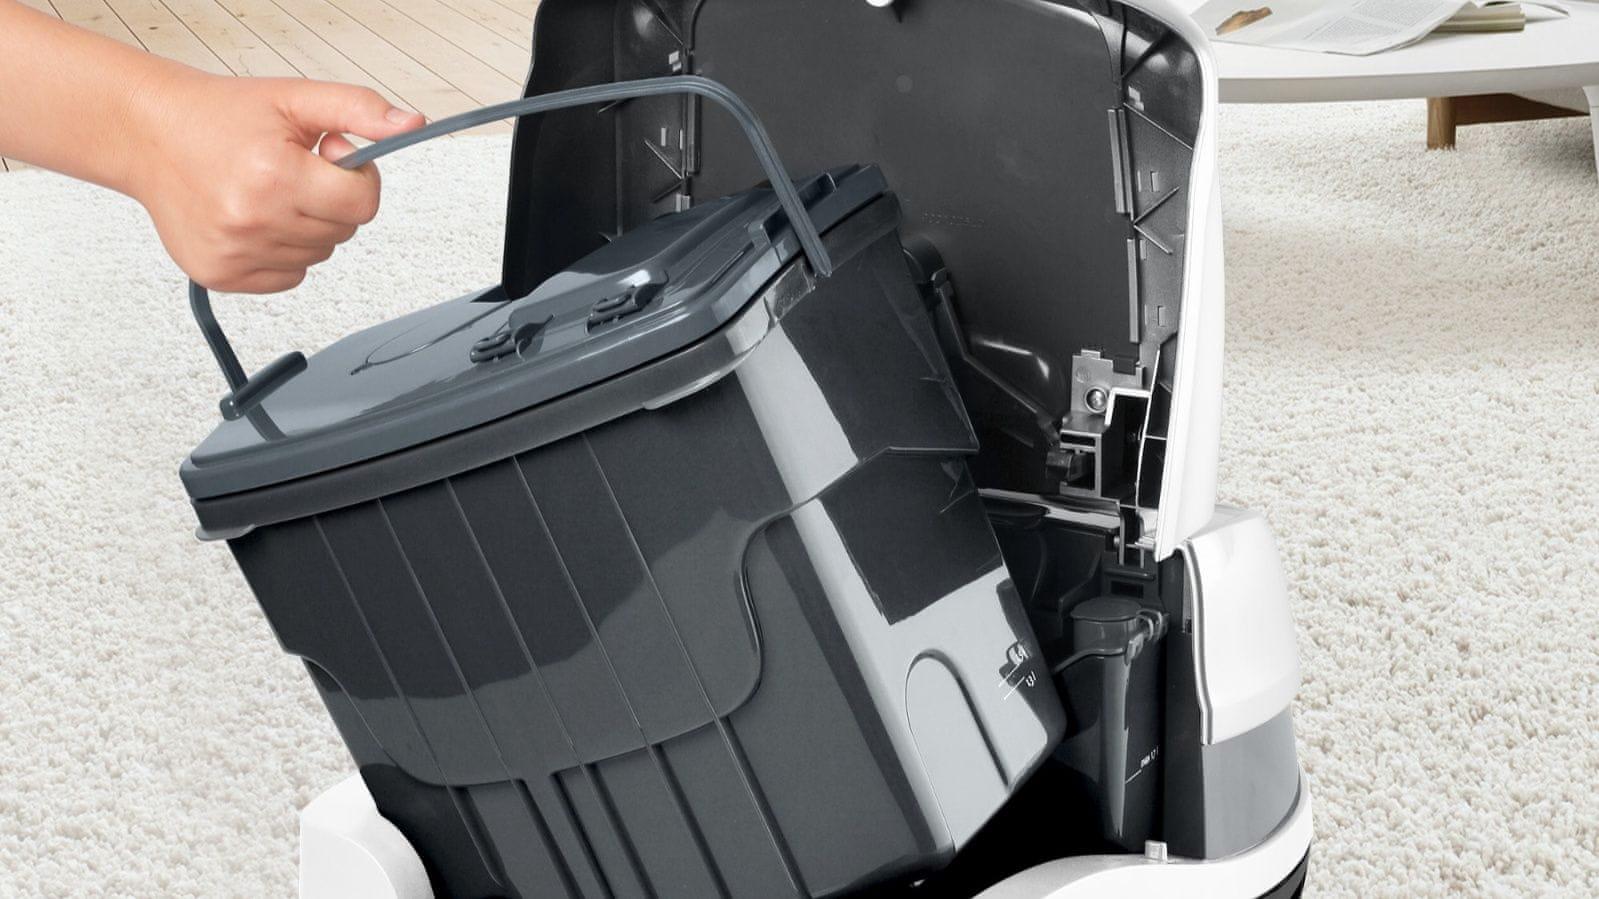 Omogoča daljši čas čiščenja brez potrebe po praznjenju rezervoarja.